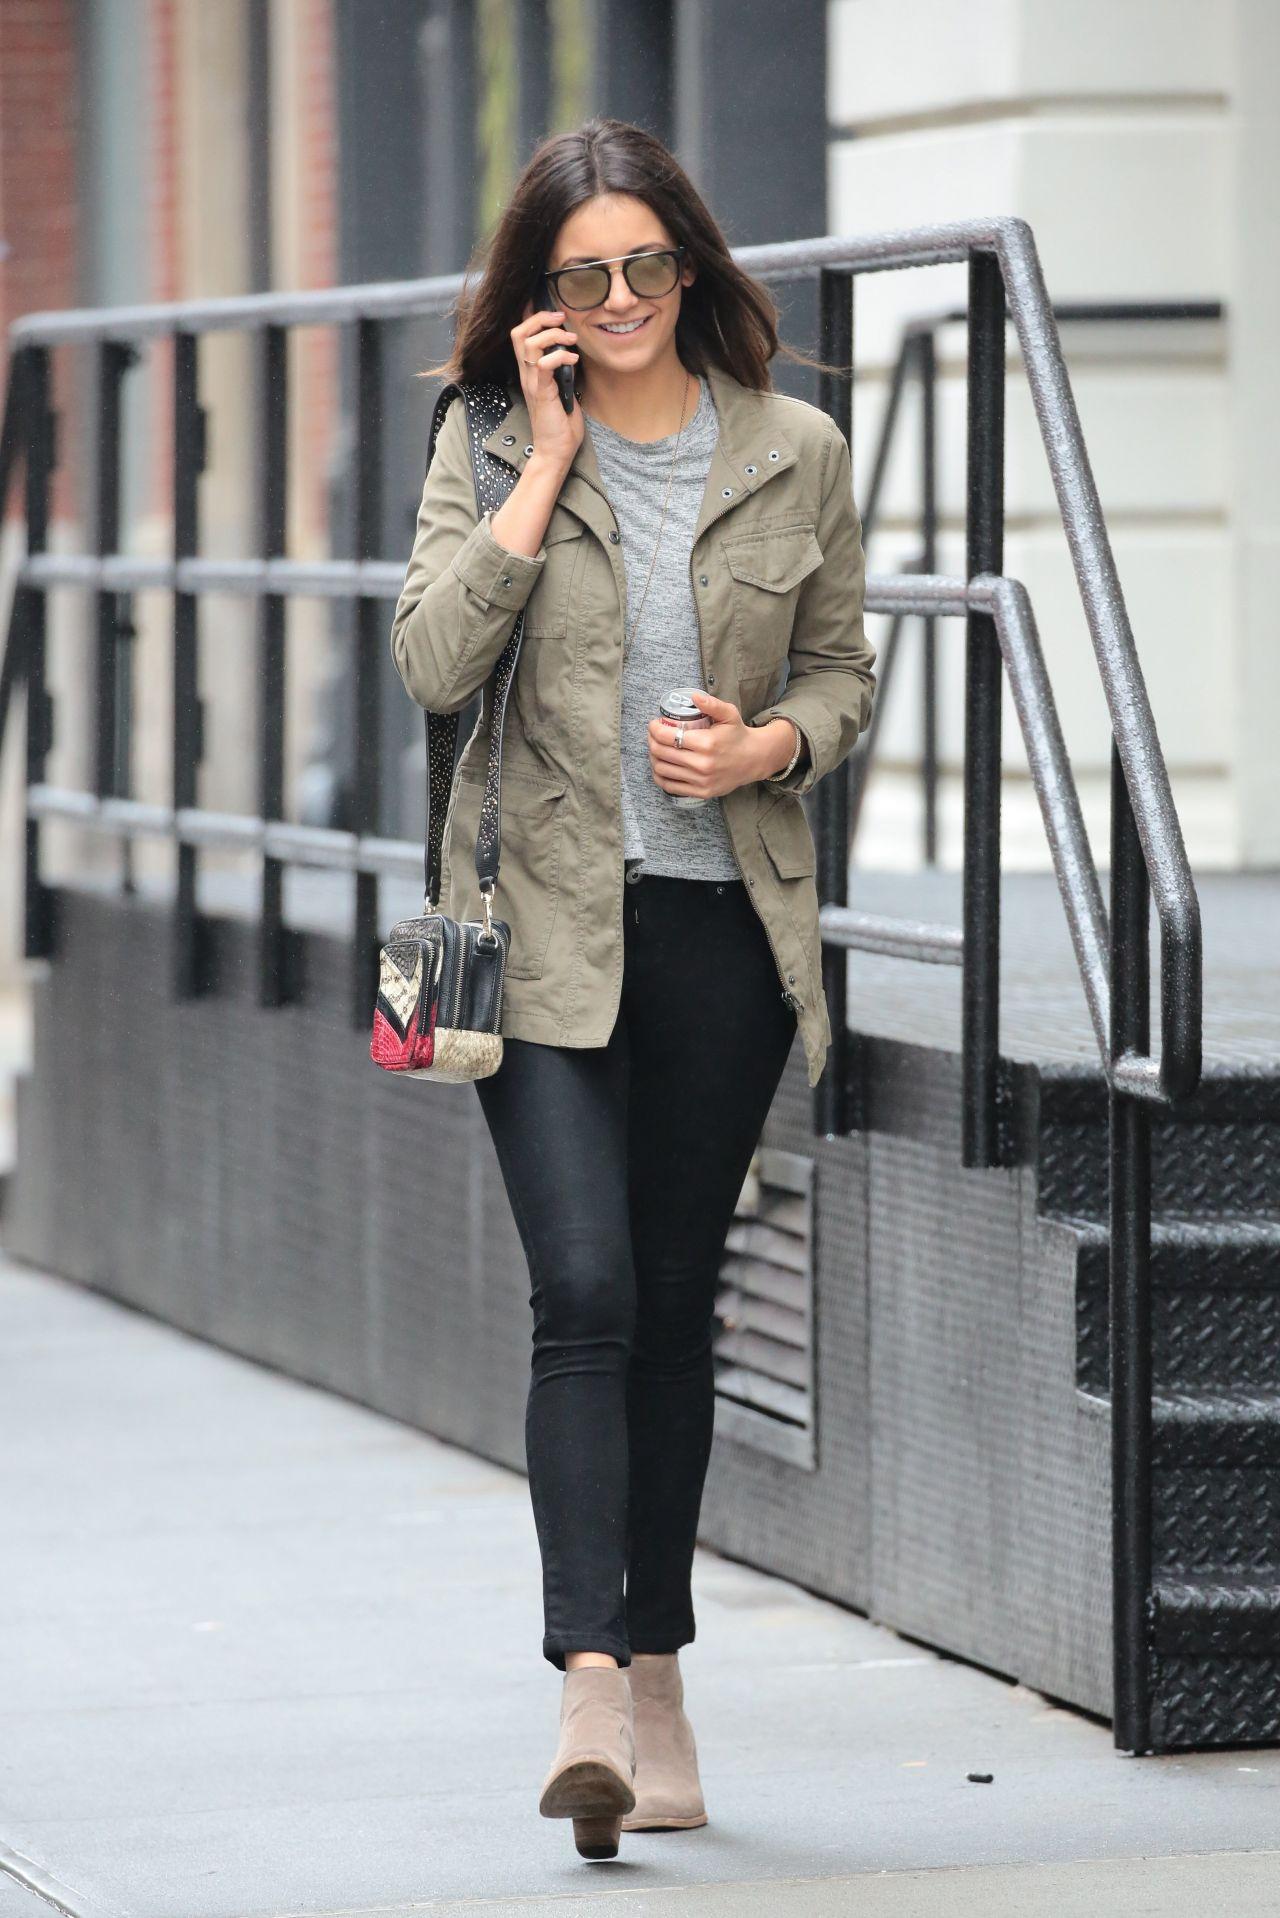 Nina Dobrev in Tight Jeans - Out in NYC 5/3/2016 • CelebMafia